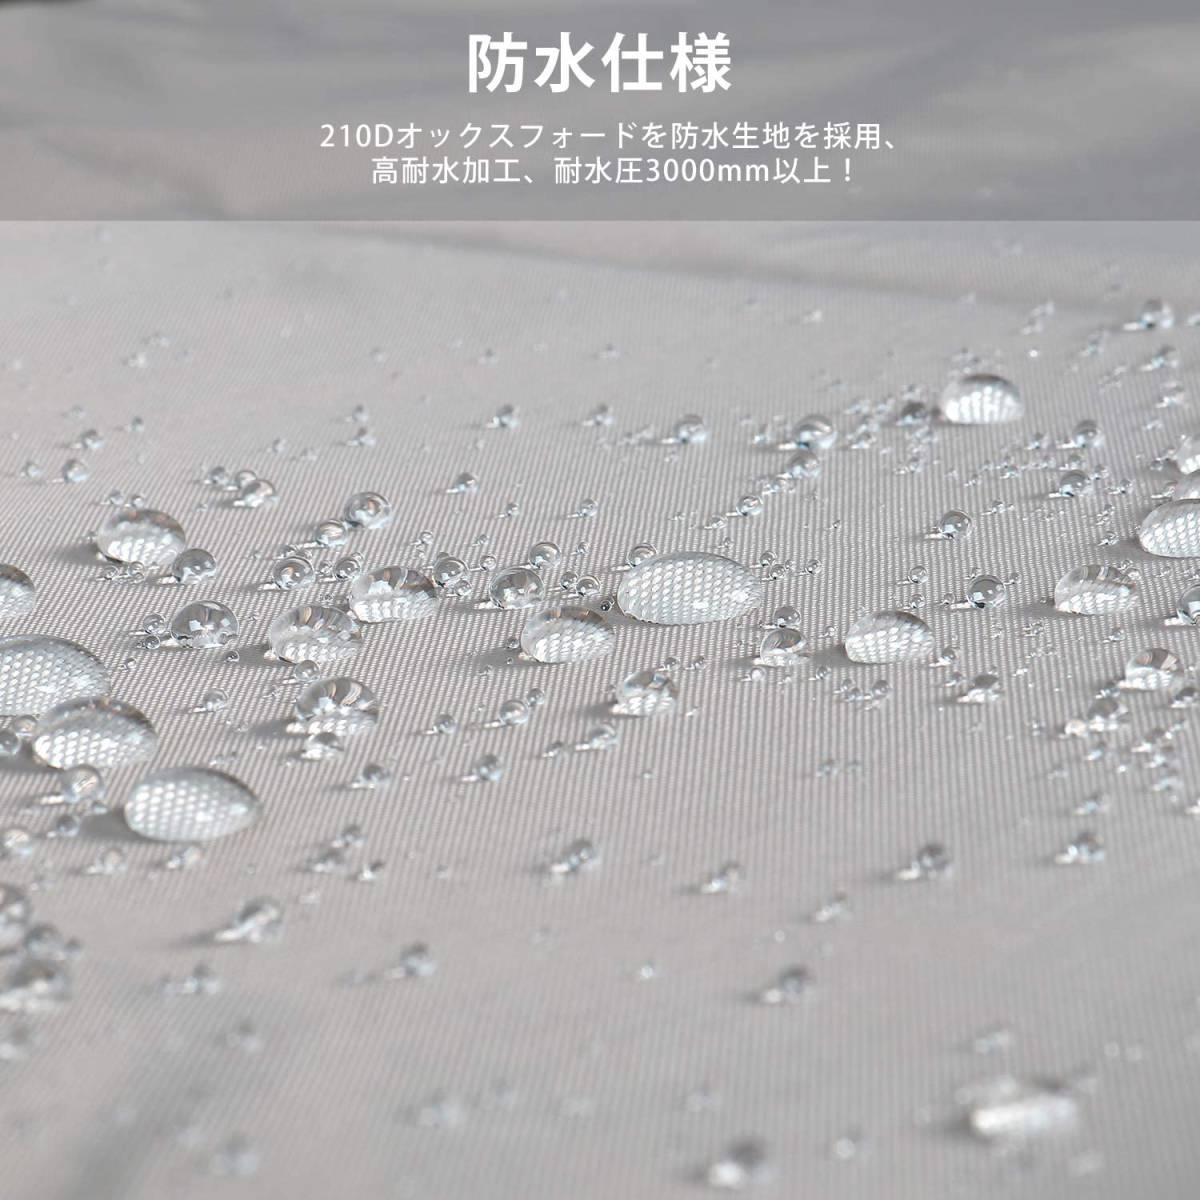 【3×5m】防水 タープ サンシェード 日除け 紫外線 UVカット ツーリング ソロ キャンプ テント カーキ